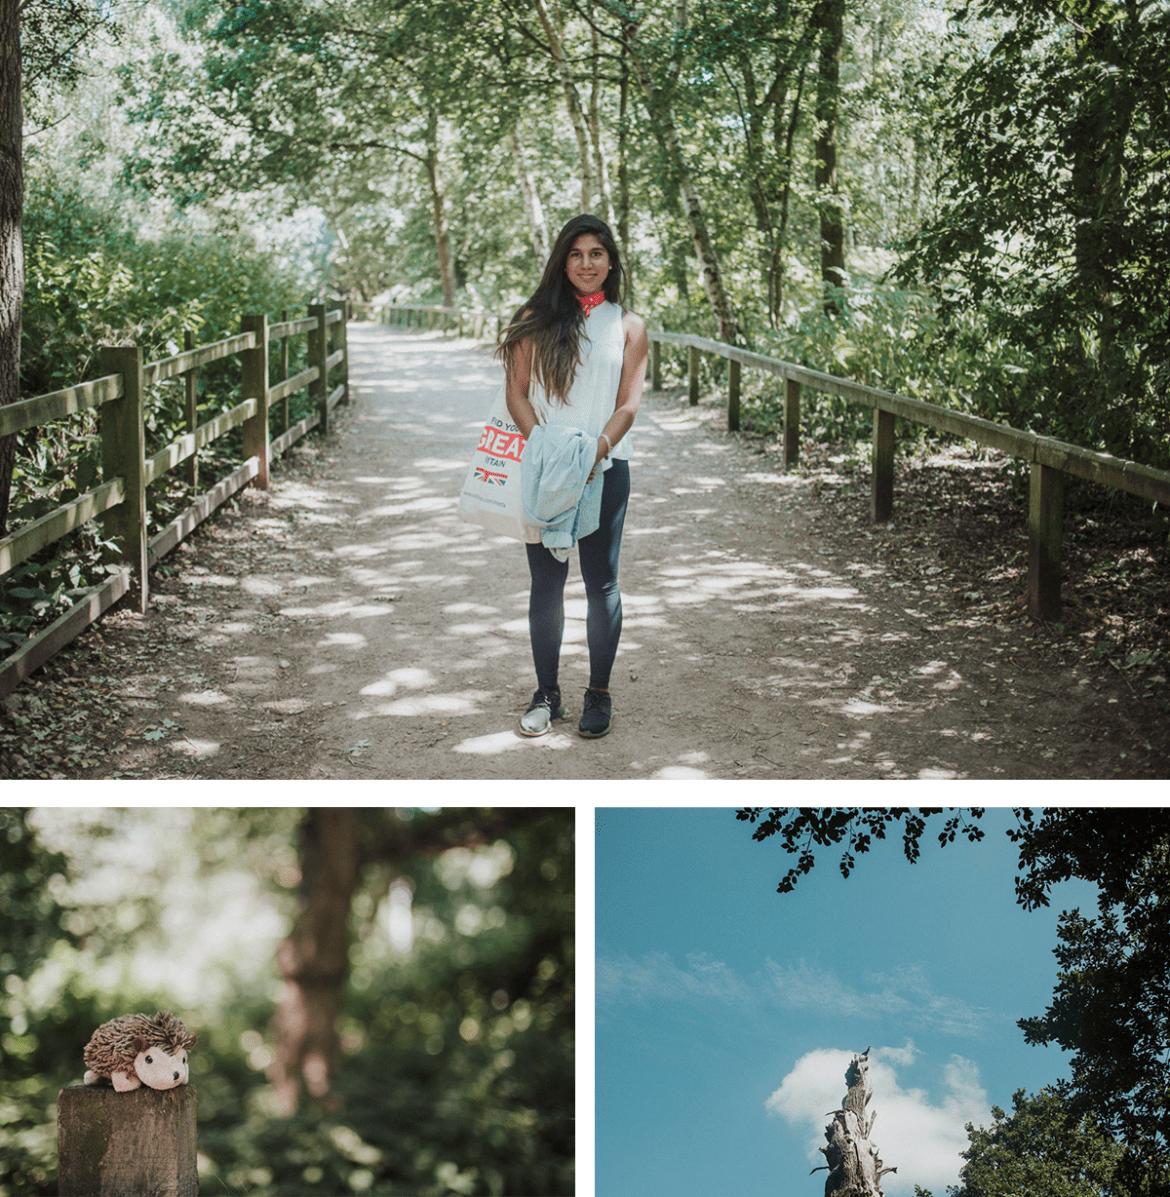 Robin Hood-inspirerad resa till Sherwoodskogen och Nottingham